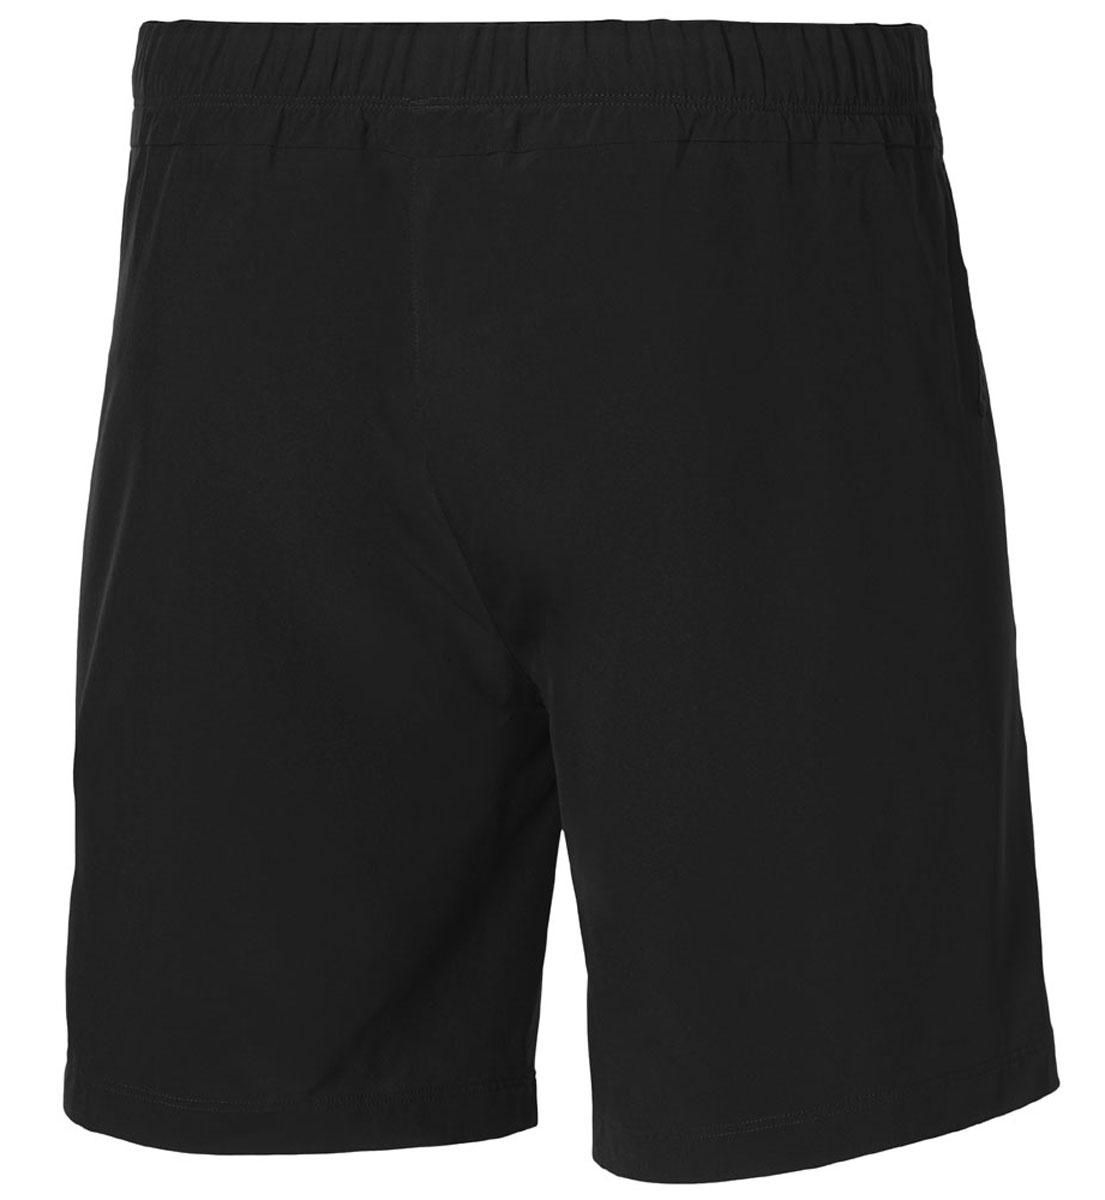 Шорты для фитнеса мужские Asics Woven 7in, цвет: черный. 125136-0904. Размер L (50/52)125136-0904Мужские шорты Asics Woven 7in станут отличным дополнением к вашему спортивному гардеробу. Они выполнены из полиэстера с применением технологии Motion Dry, удобно сидят и превосходно отводят влагу от тела, оставляя кожу сухой. Модель дополнена широкой эластичной резинкой на поясе, двумя боковыми карманами и небольшим внутренним кармашком. Объем талии регулируется при помощи шнурка-кулиски на поясе. Шорты украшены логотипом Asics.Мягкие легкие шорты помогут улучшить спортивные результаты. Идеальны для тренировок, пробежек и прогулок.